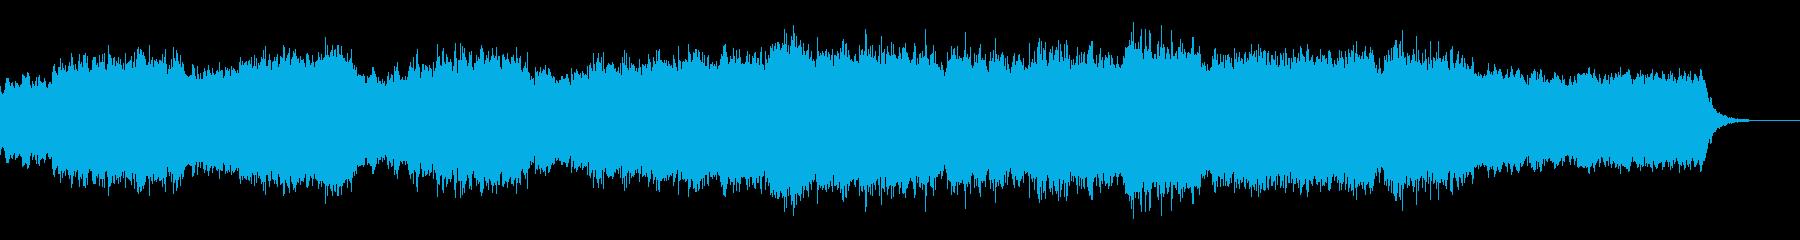 エンディングのハイブリッドオーケストラの再生済みの波形